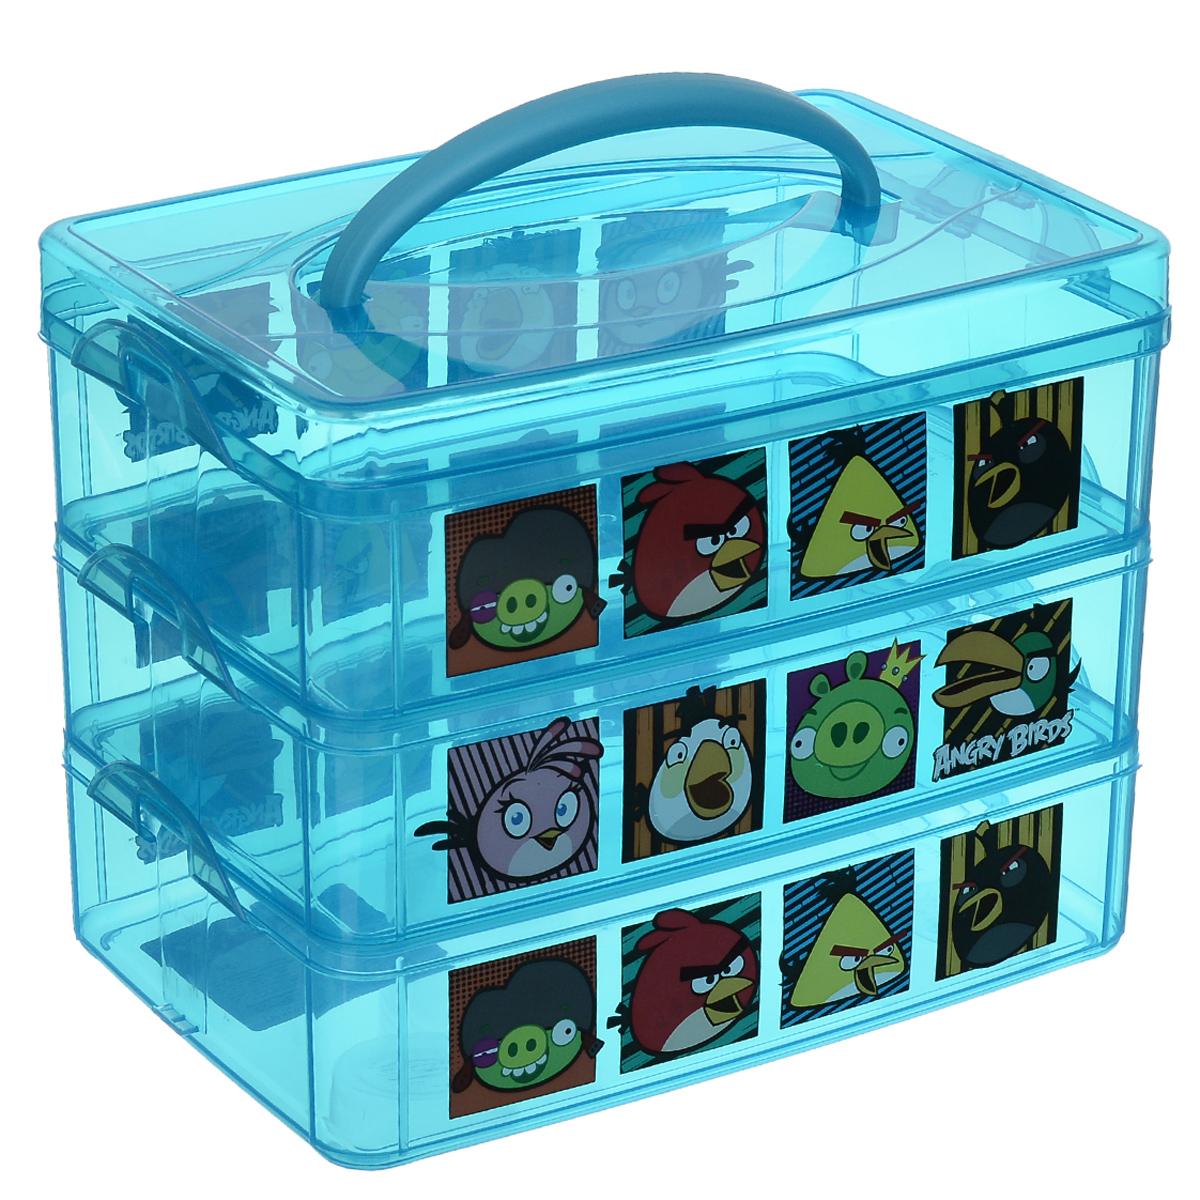 Коробка универсальная Angry Birds, цвет: синий, 24,5 х 16 х 8 см, 3 ячейкиС13010Коробка Angry Birds выполнена из высококачественного цветного пластика и состоит из трех ячеек одинакового размера. Это отличное место для хранения небольших детских игрушек, материала для рукоделия, различных аксессуаров. Она декорирована изображениями героев популярной игры Angry Birds. Коробка легко открывается, оснащена специальной пластиковой ручкой и не требует особого ухода. Благодаря малым габаритом, коробка занимает очень мало места. Коробка Angry Birds - идеальное решение для аккуратного хранения вещей. Размер ячейки: 24,5 см х 16 см х 8 см.